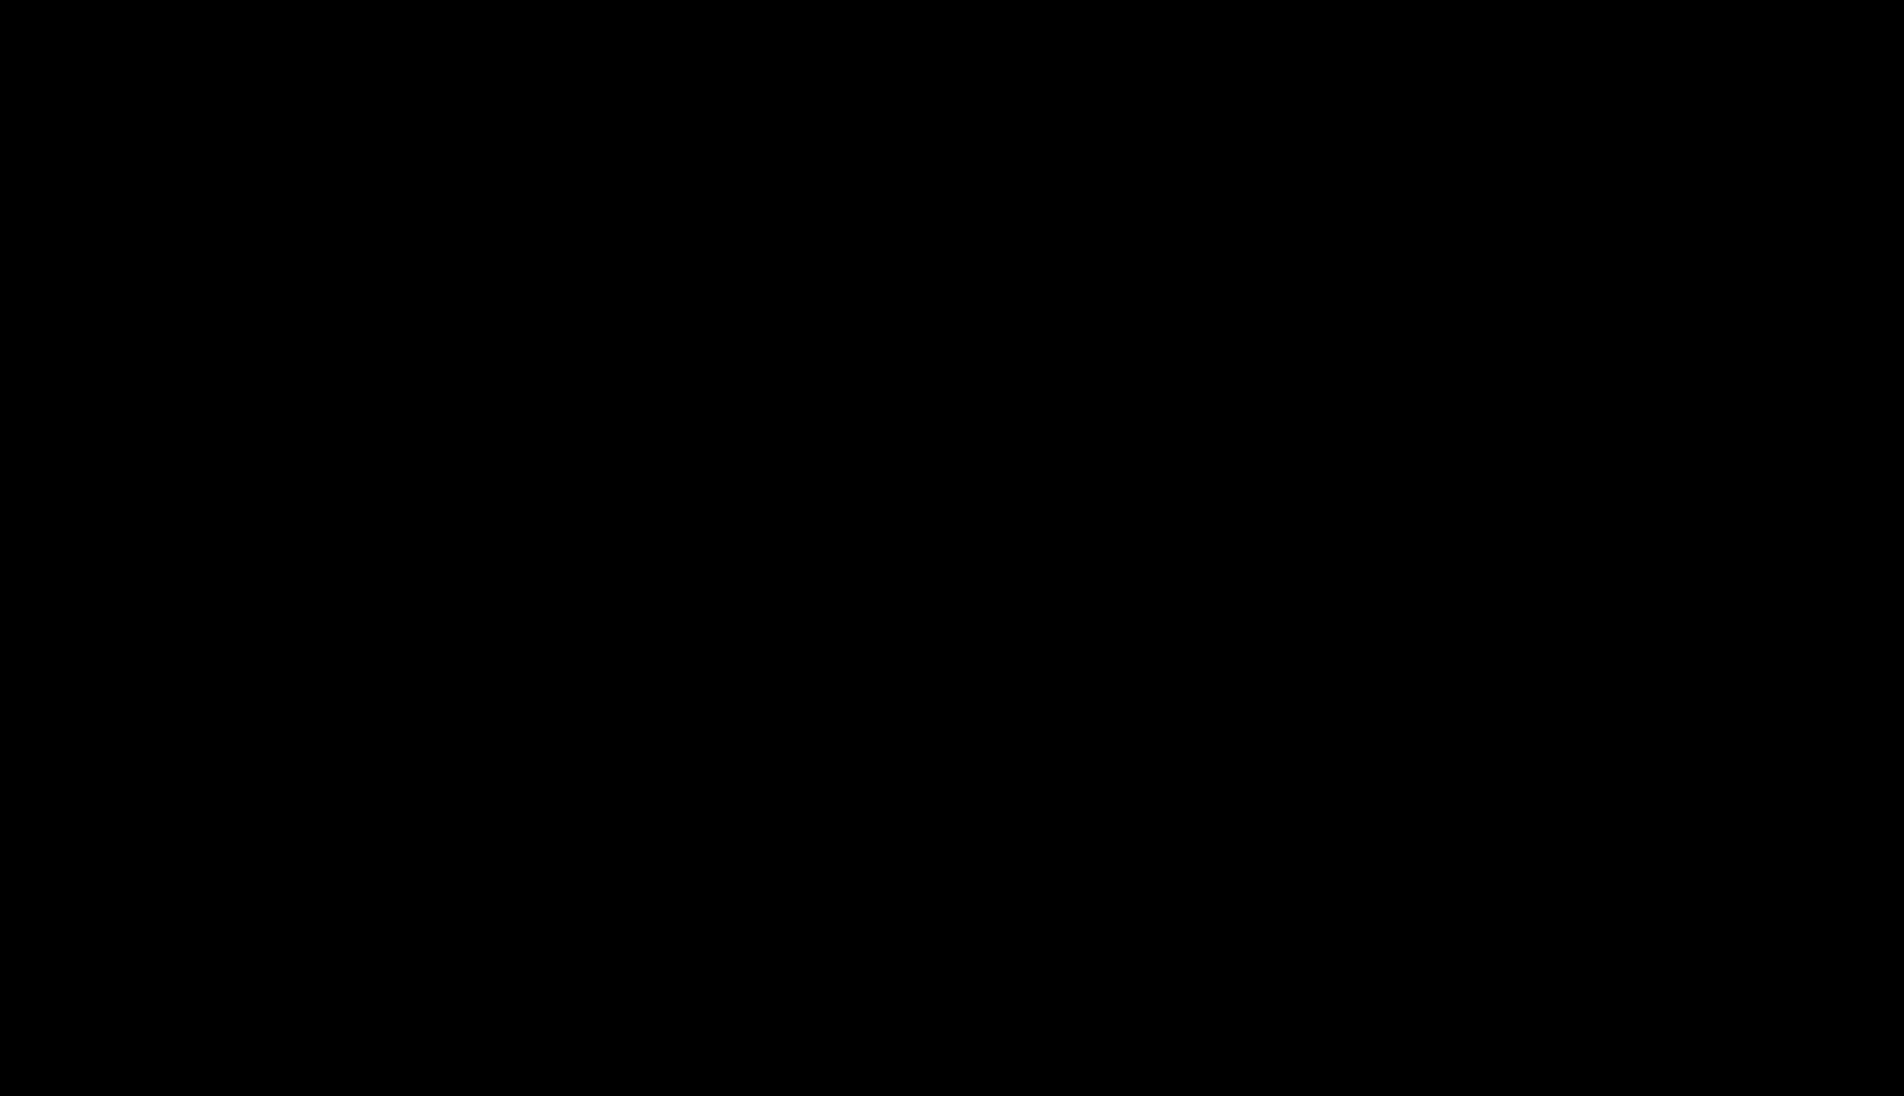 Vandetanib N-Oxide